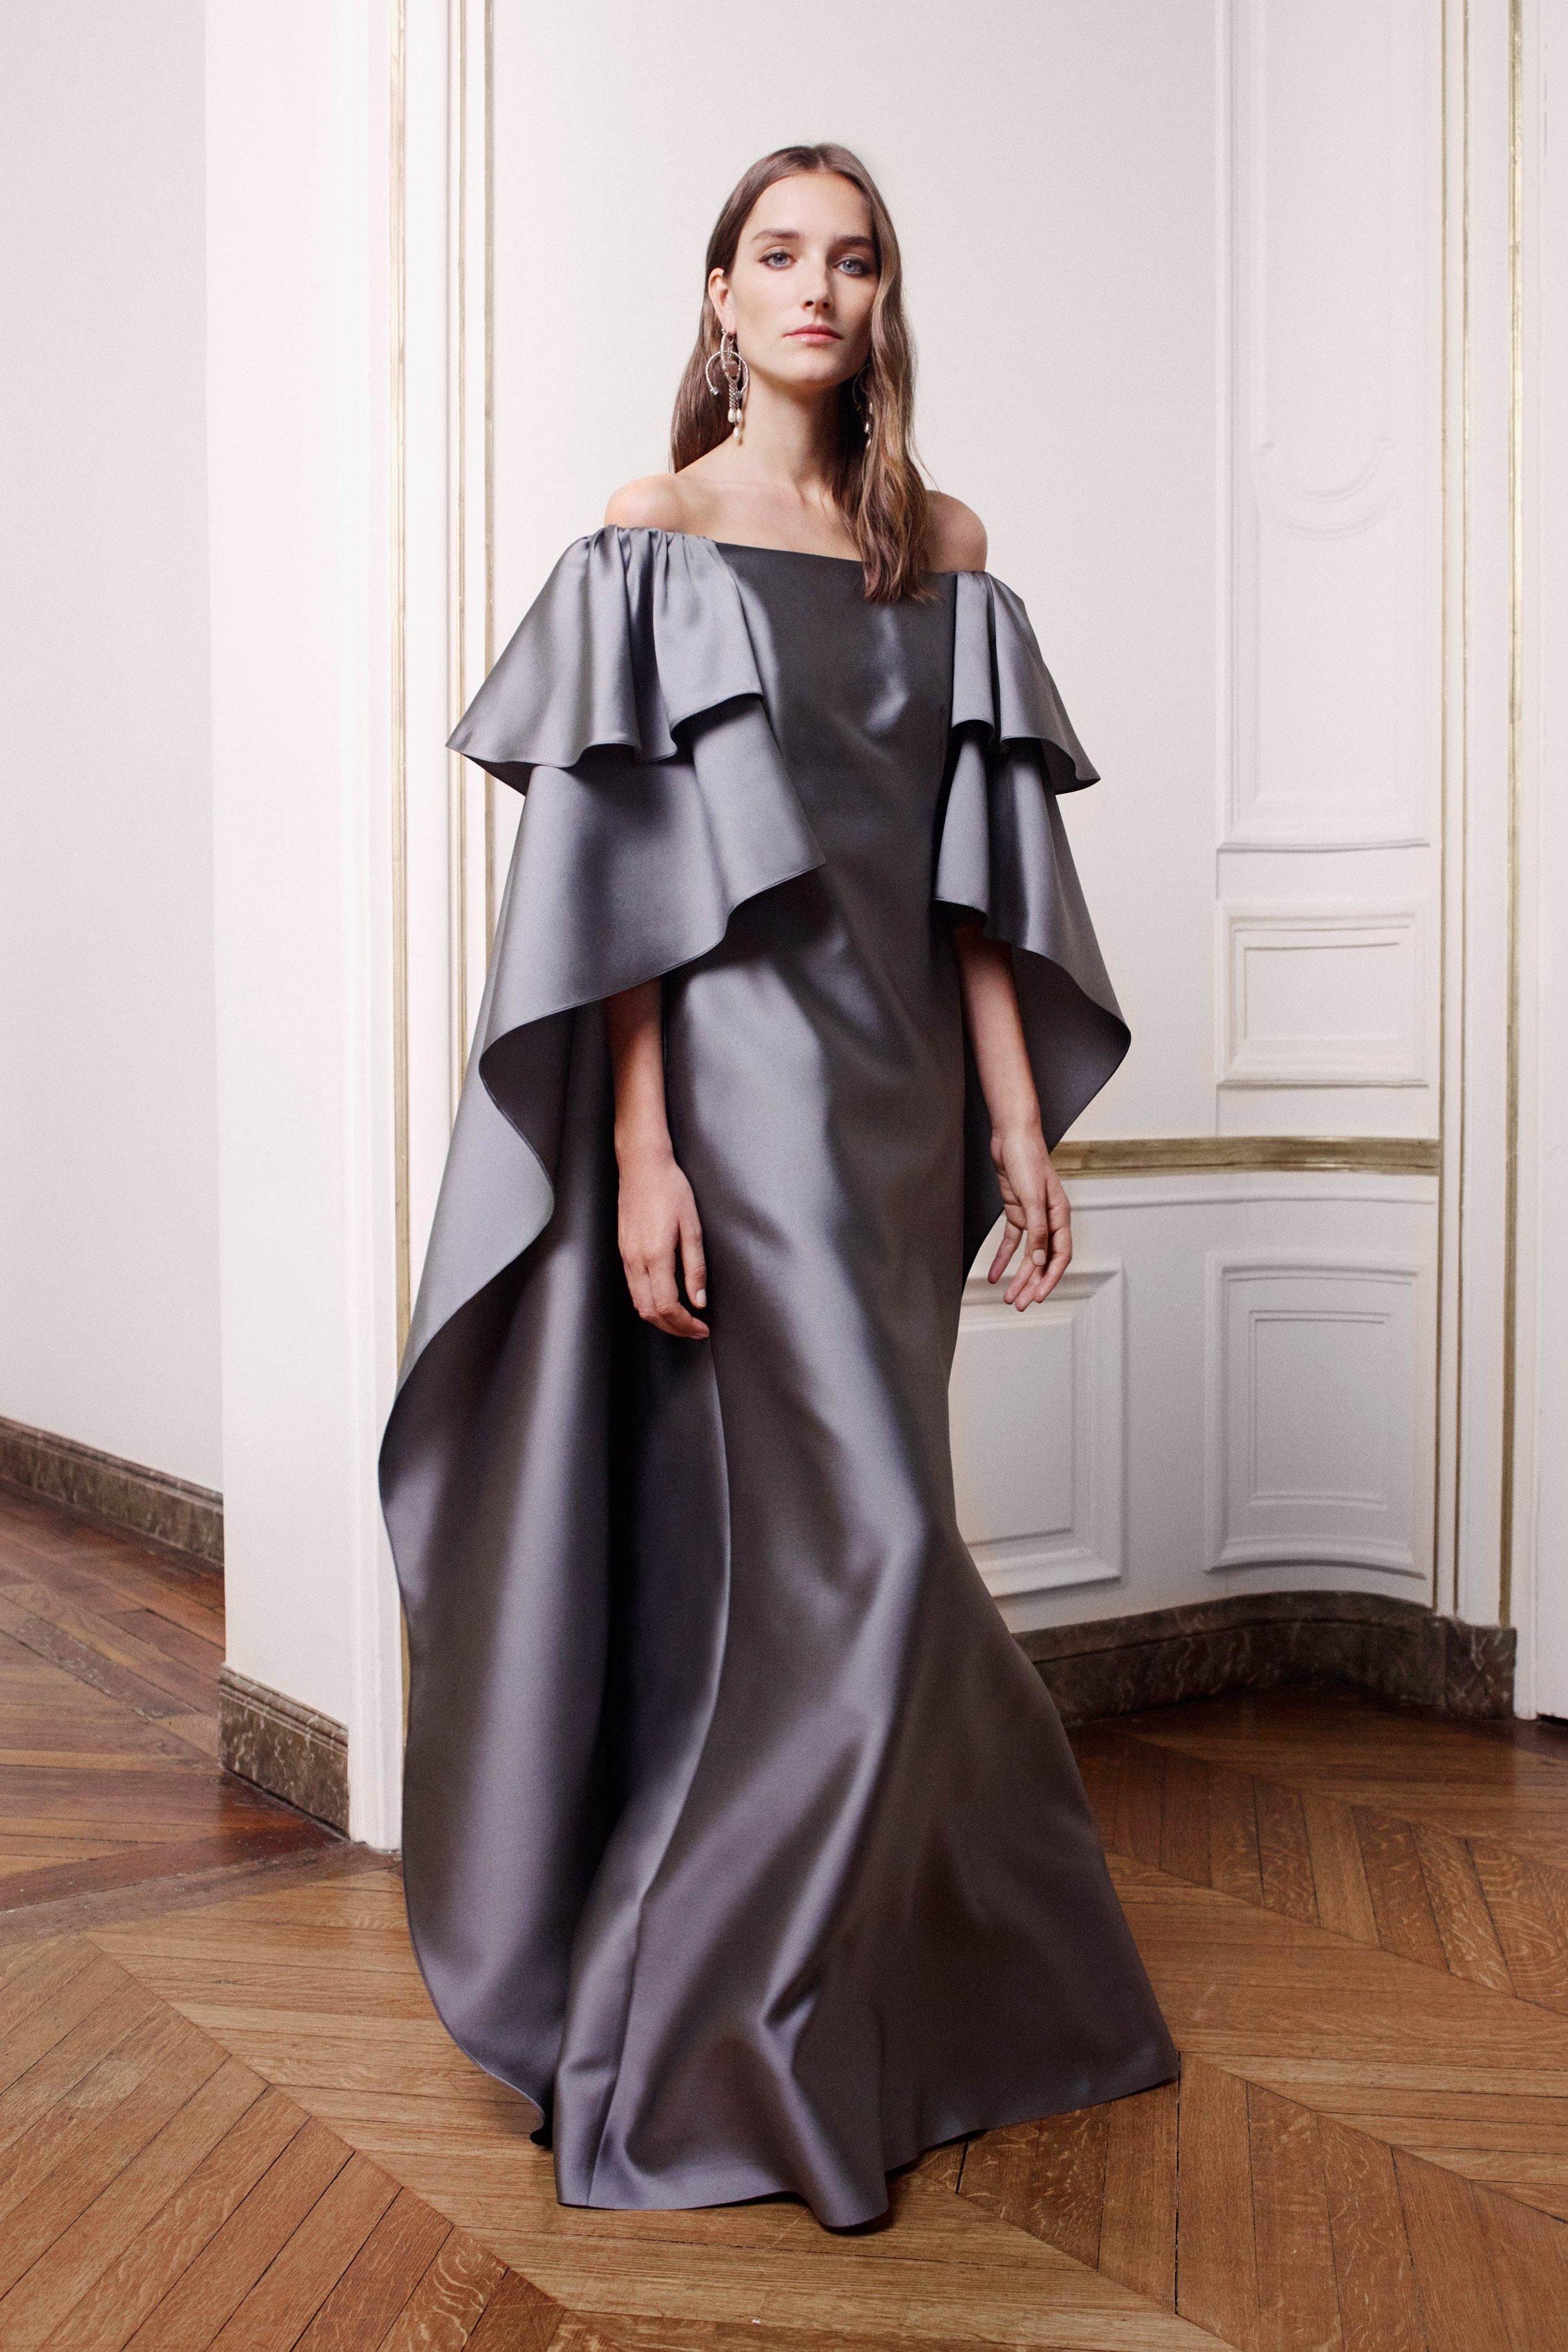 00005-alberta-ferreti-paris-couture-spring-19.jpg